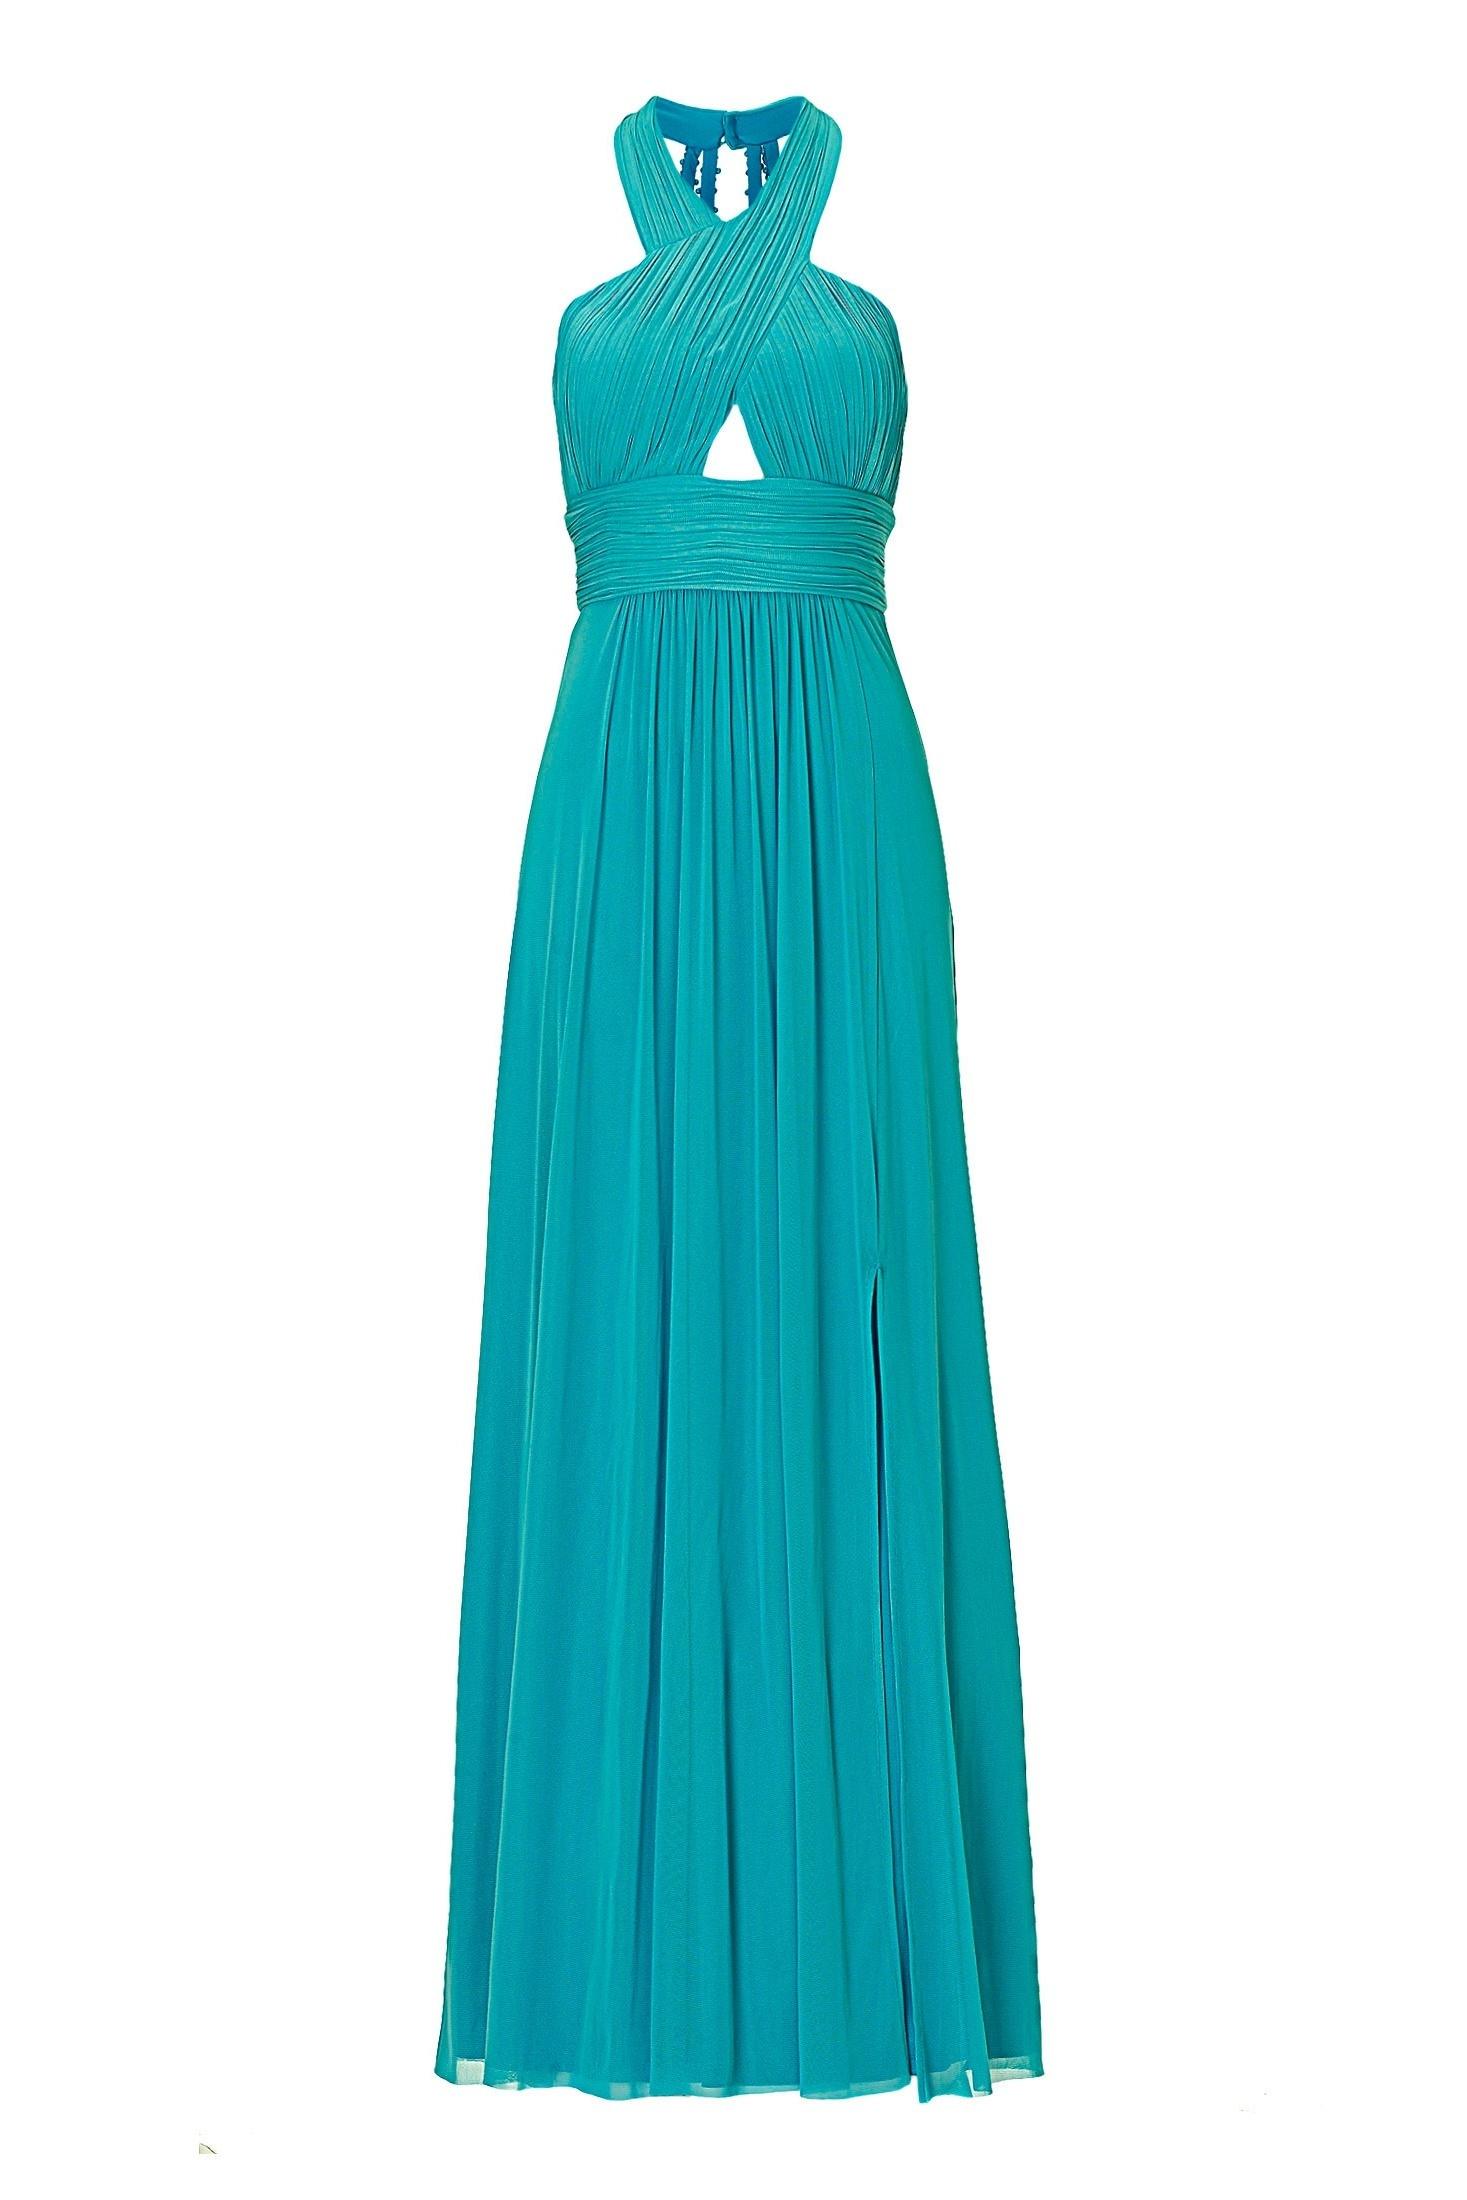 13 Erstaunlich Abendkleid Türkis Design20 Leicht Abendkleid Türkis Boutique